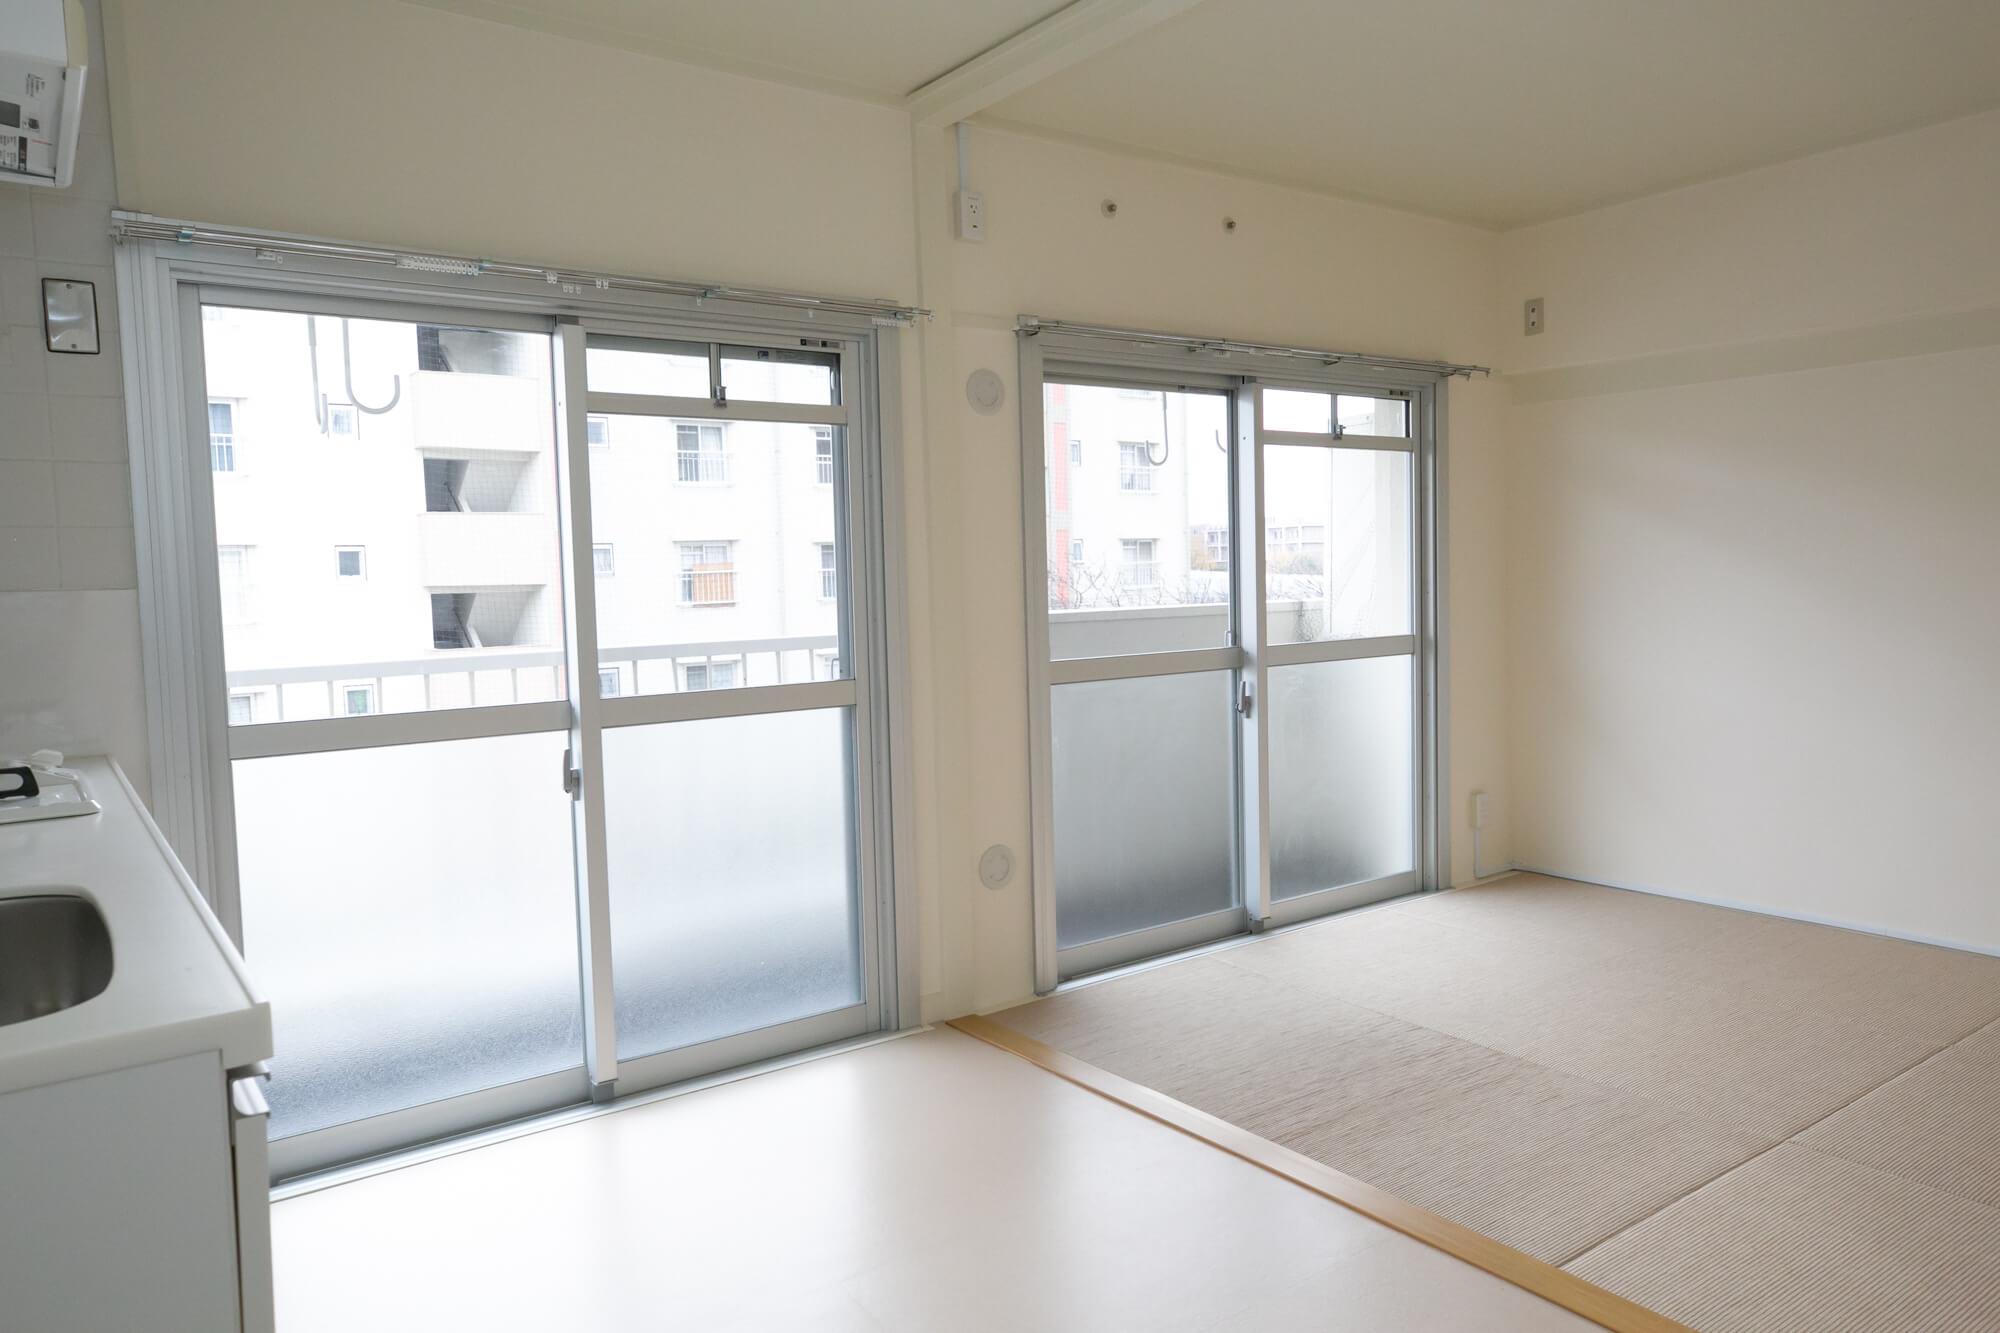 キッチンも白、張り替えられた床も明るい色で、空間を広く見せてくれるようです。リビングの一部と、居室部分には、麻畳を使用。